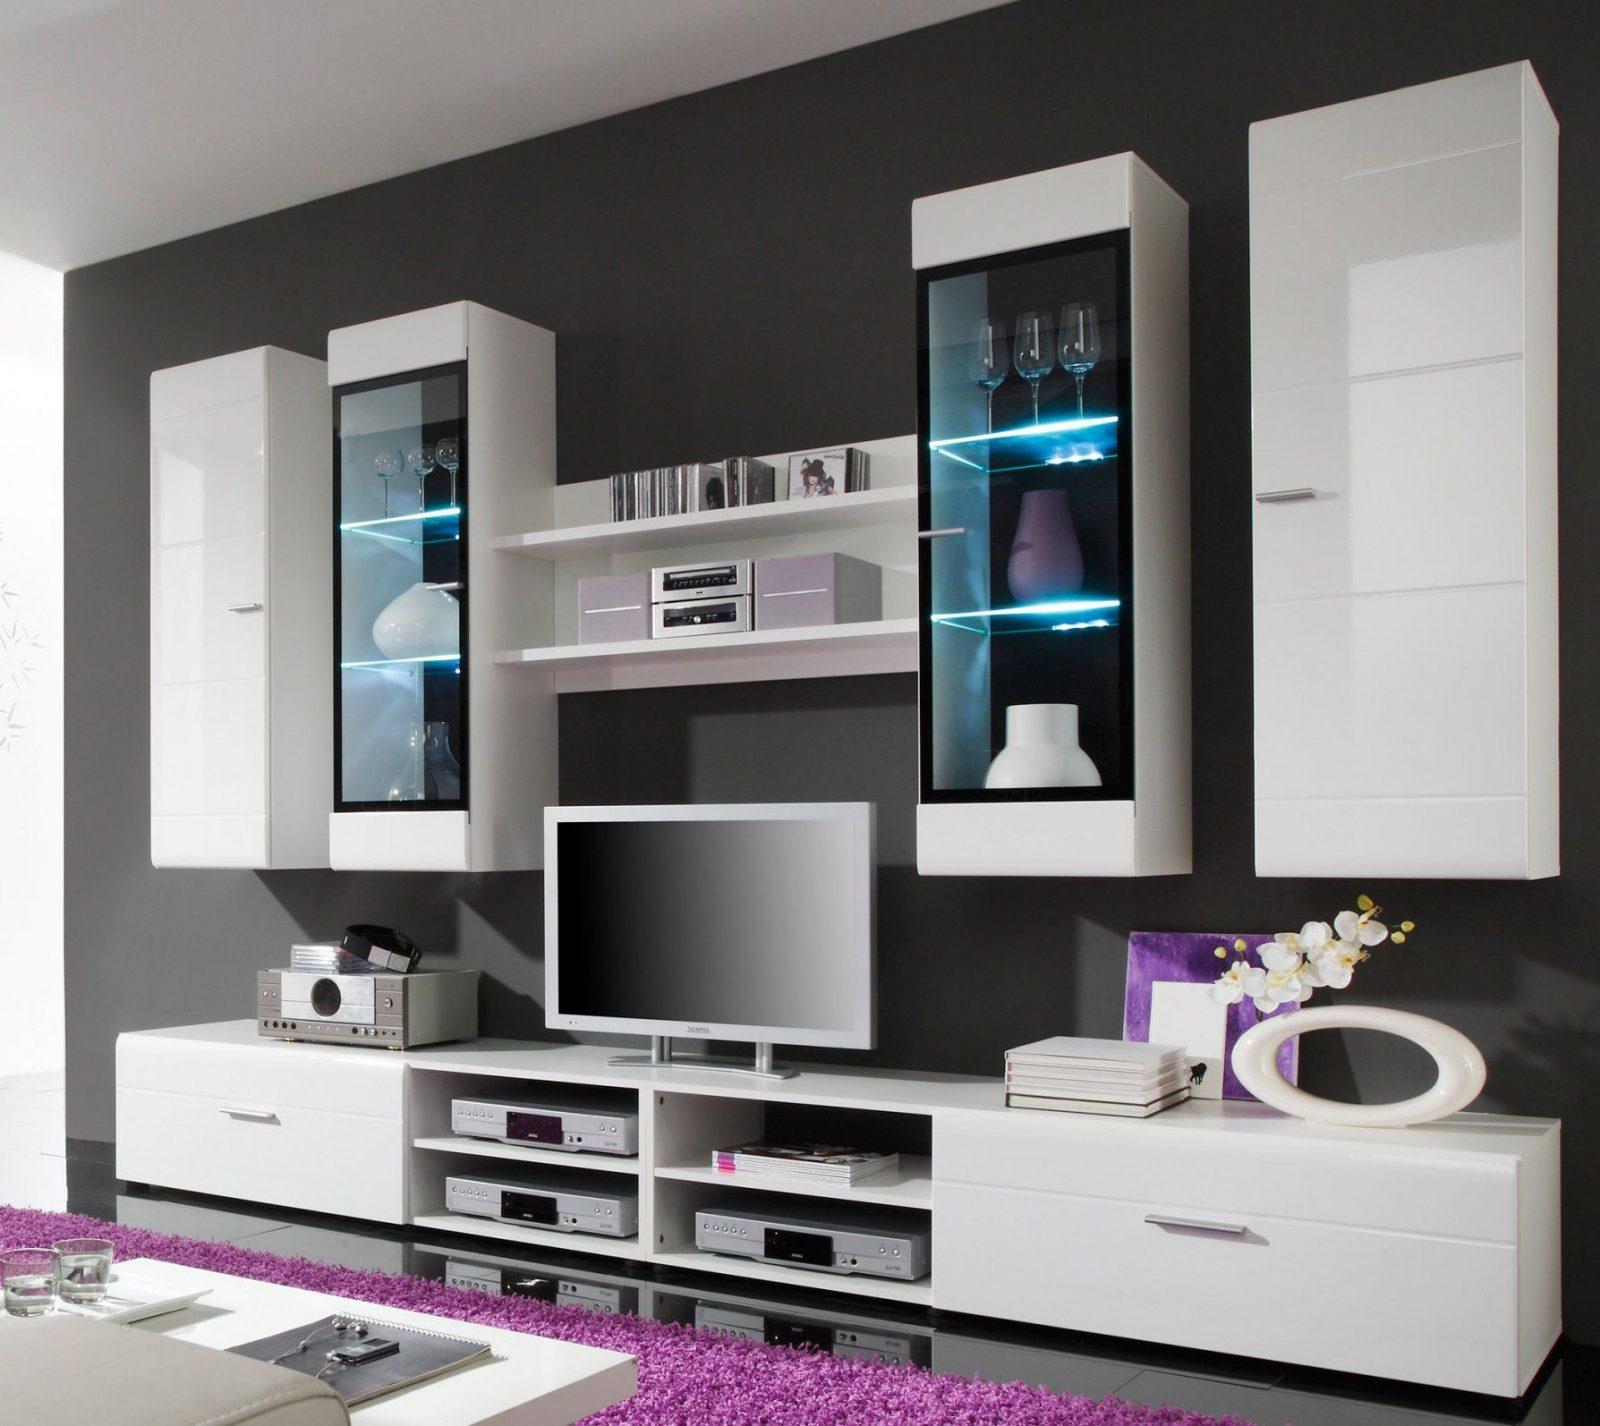 Wohnwand Weiß Schwarz Hochglanz von Wohnwand Weiß Schwarz Hochglanz Bild